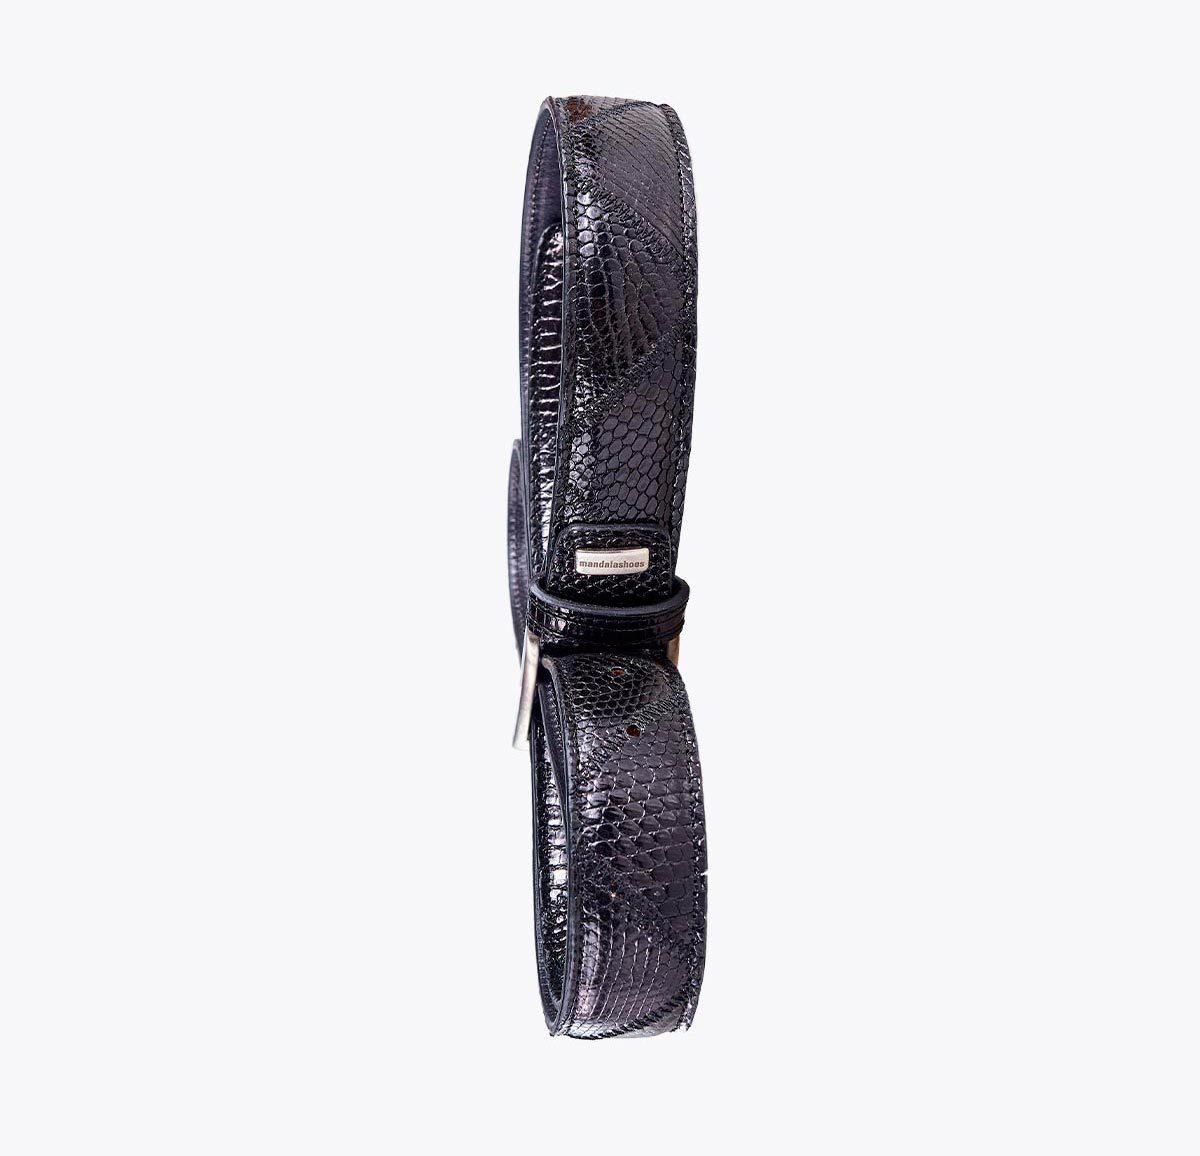 Cinturón varano negro Accesorios y complementos en mandalashoes. Accessories in mandalashoes. Zubehör in Mandalas.